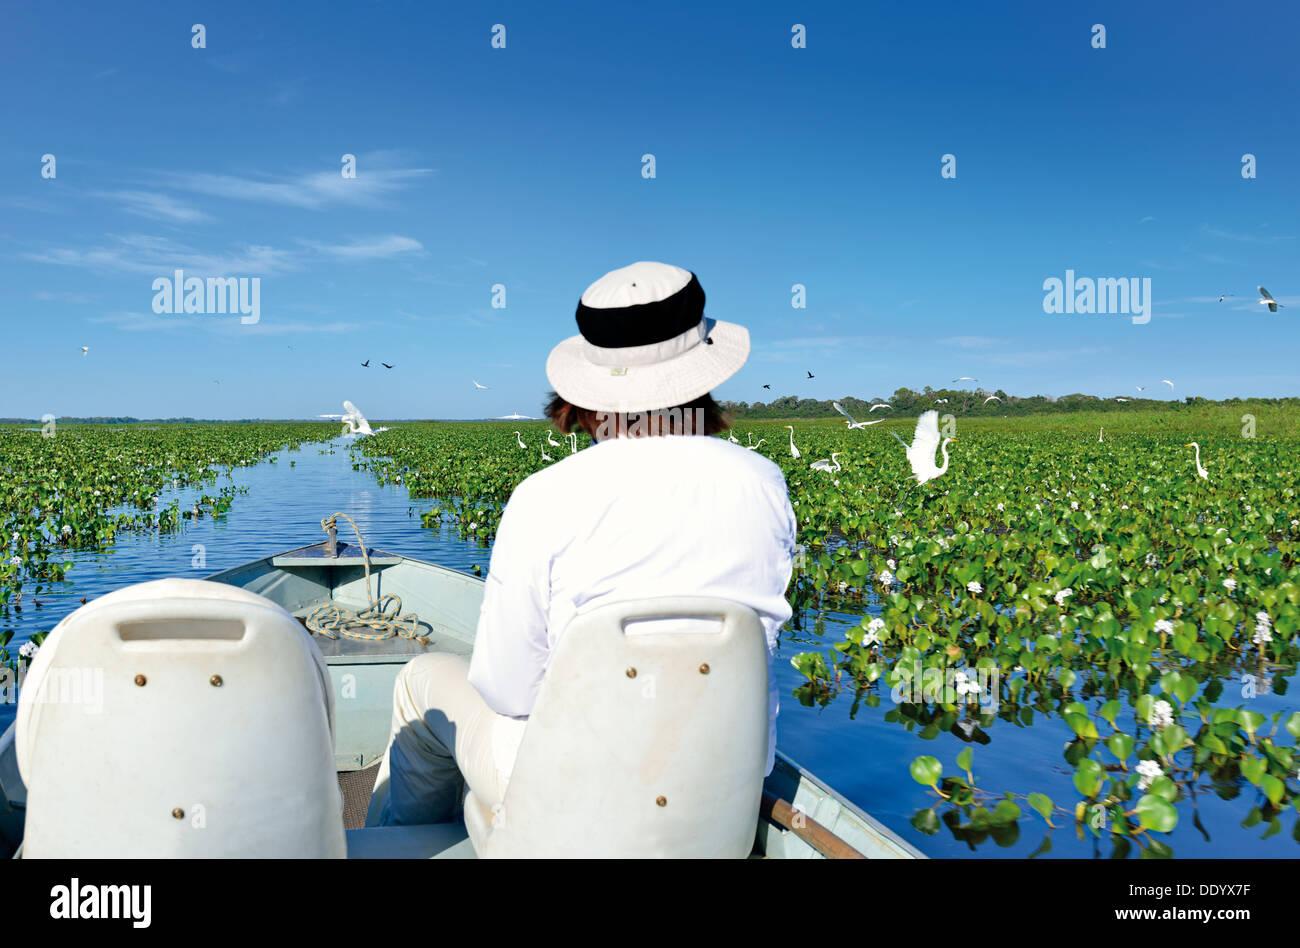 Brasil, el Pantanal: Mujer con sombrero de un viaje en barco por un lago con ninfas observando aves Imagen De Stock